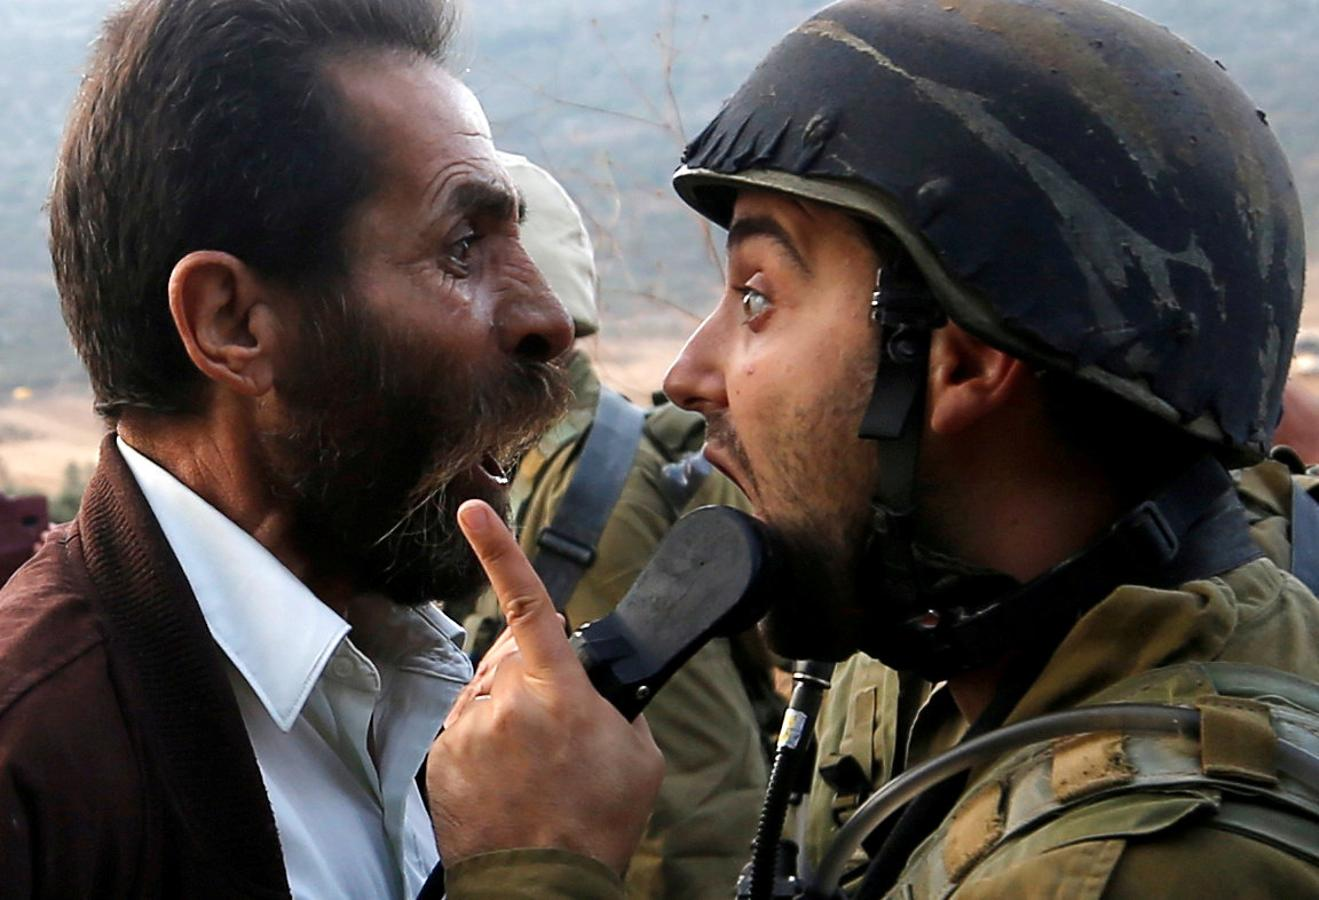 Un palestino discute con un soldado israelí durante los enfrentamientos por una orden israelí de cerrar una escuela palestina cerca de Nablus en la ocupada Cisjordania, el 15 de octubre de 2018.